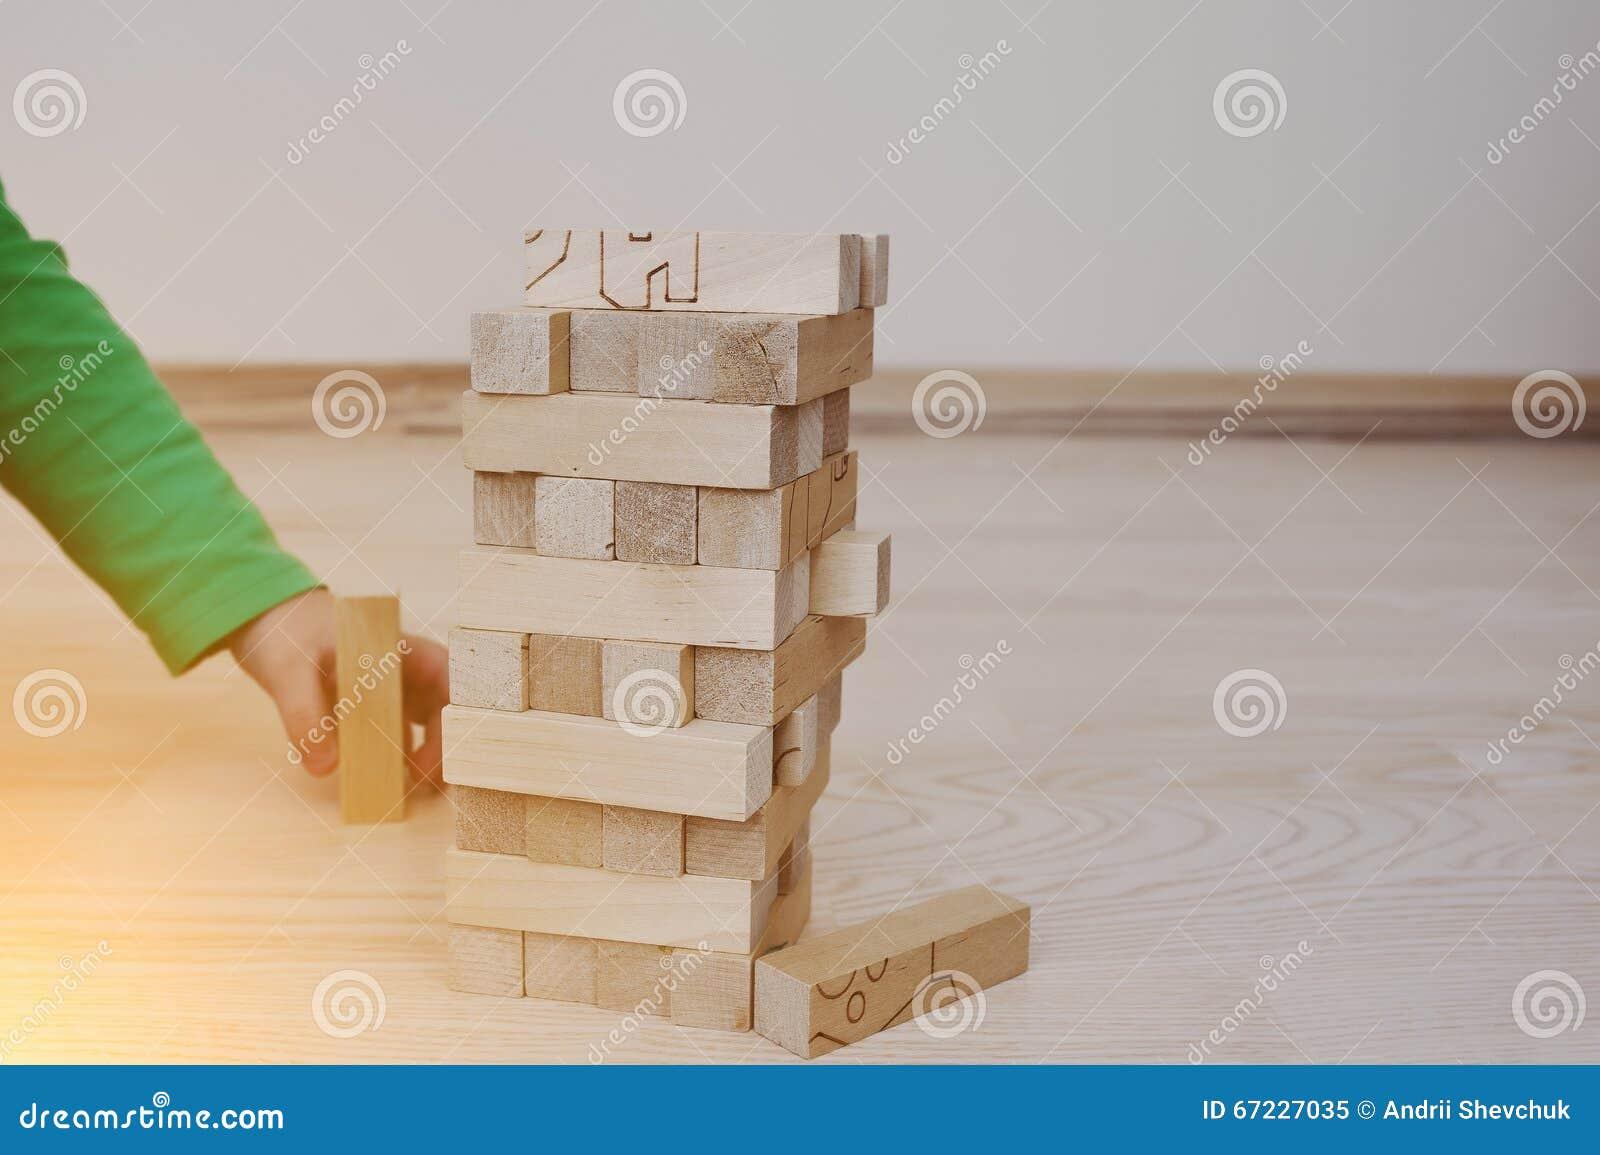 Fußboden Aus Holzklötzen ~ Hand des babys die entwicklungsspiel von holzklötzen spielte